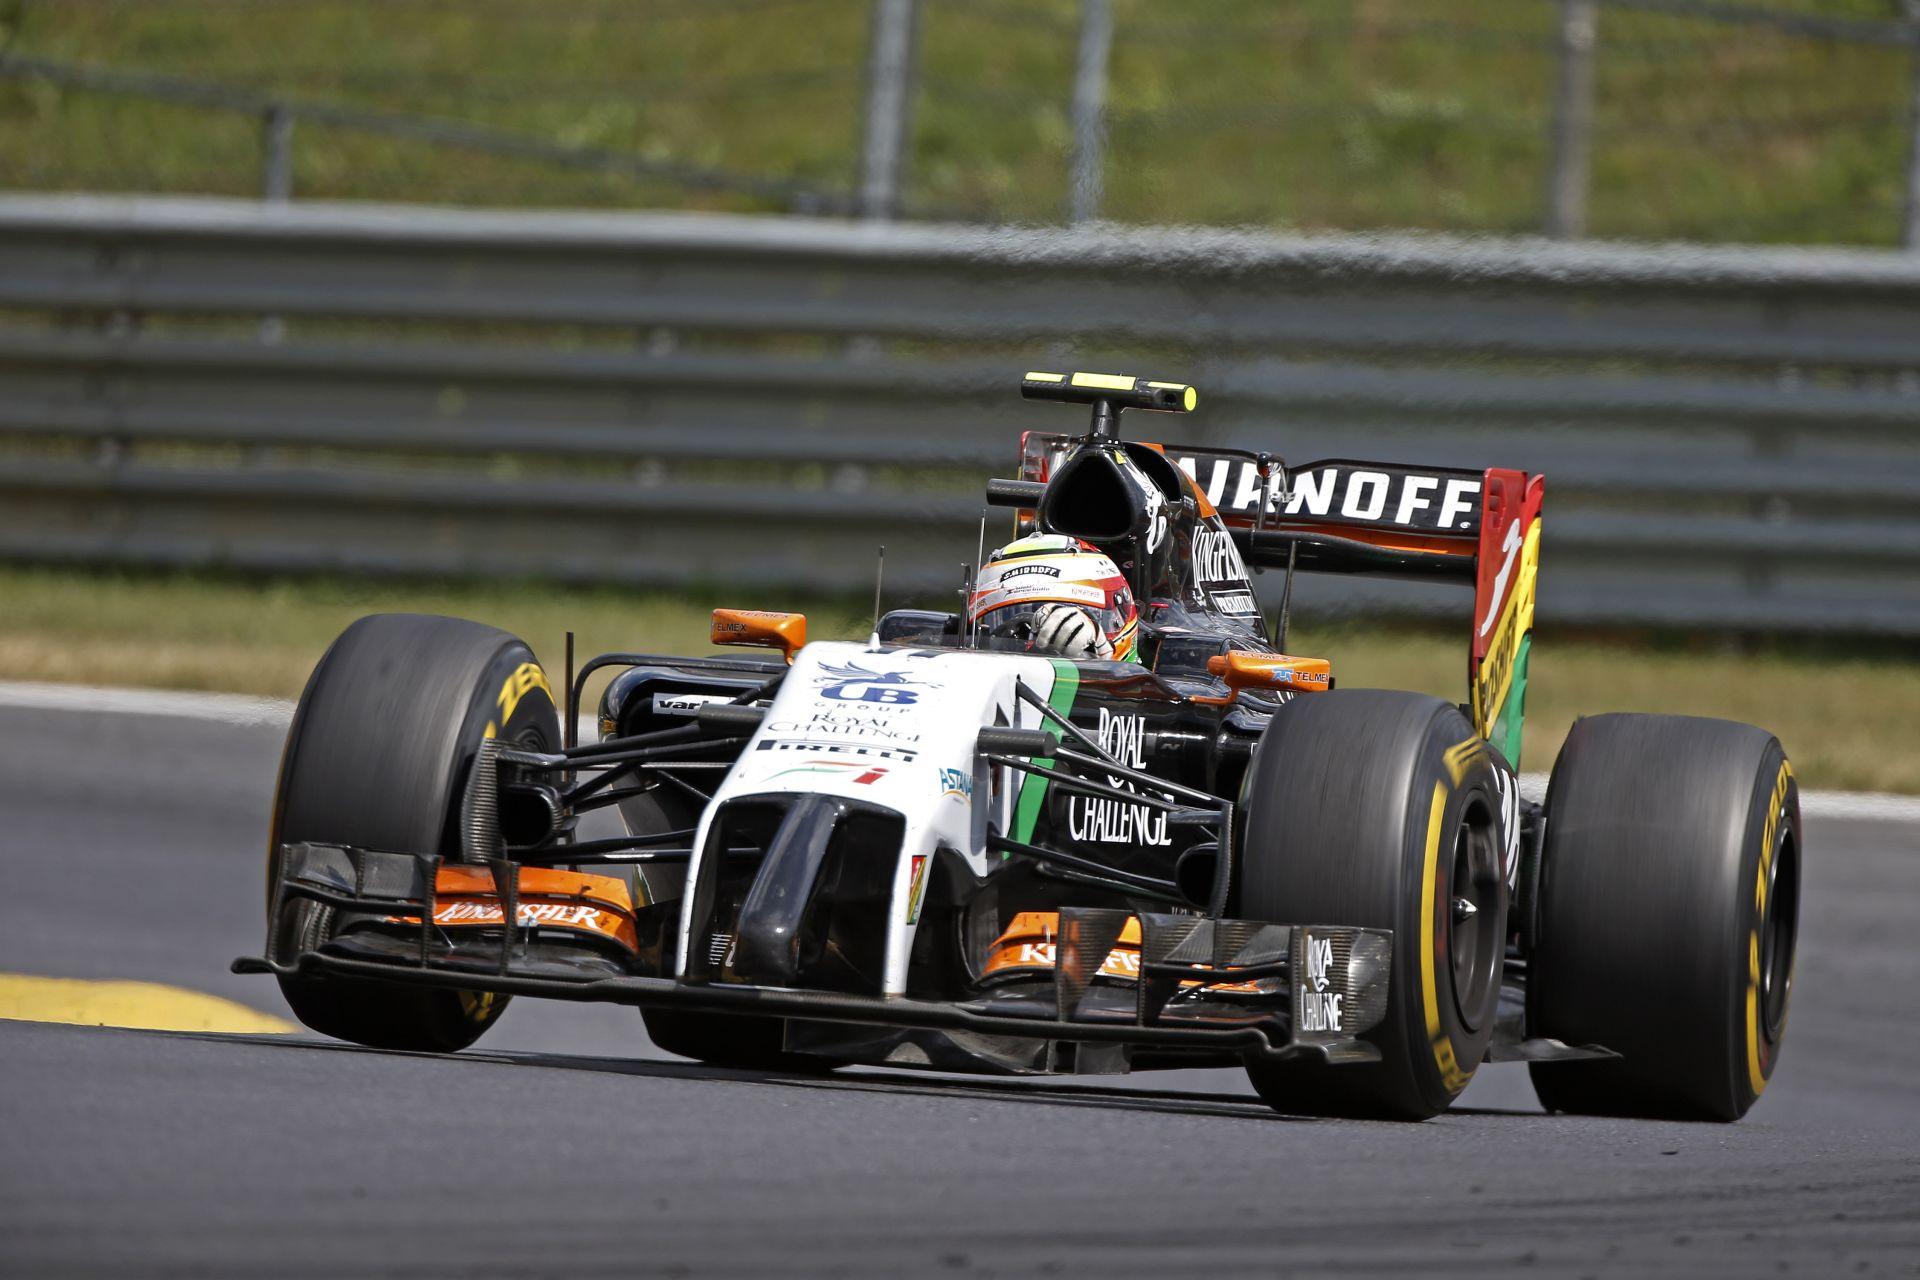 Osztrák Nagydíj 2014: Pérez volt a leggyorsabb a versenyen Hamilton és Bottas előtt